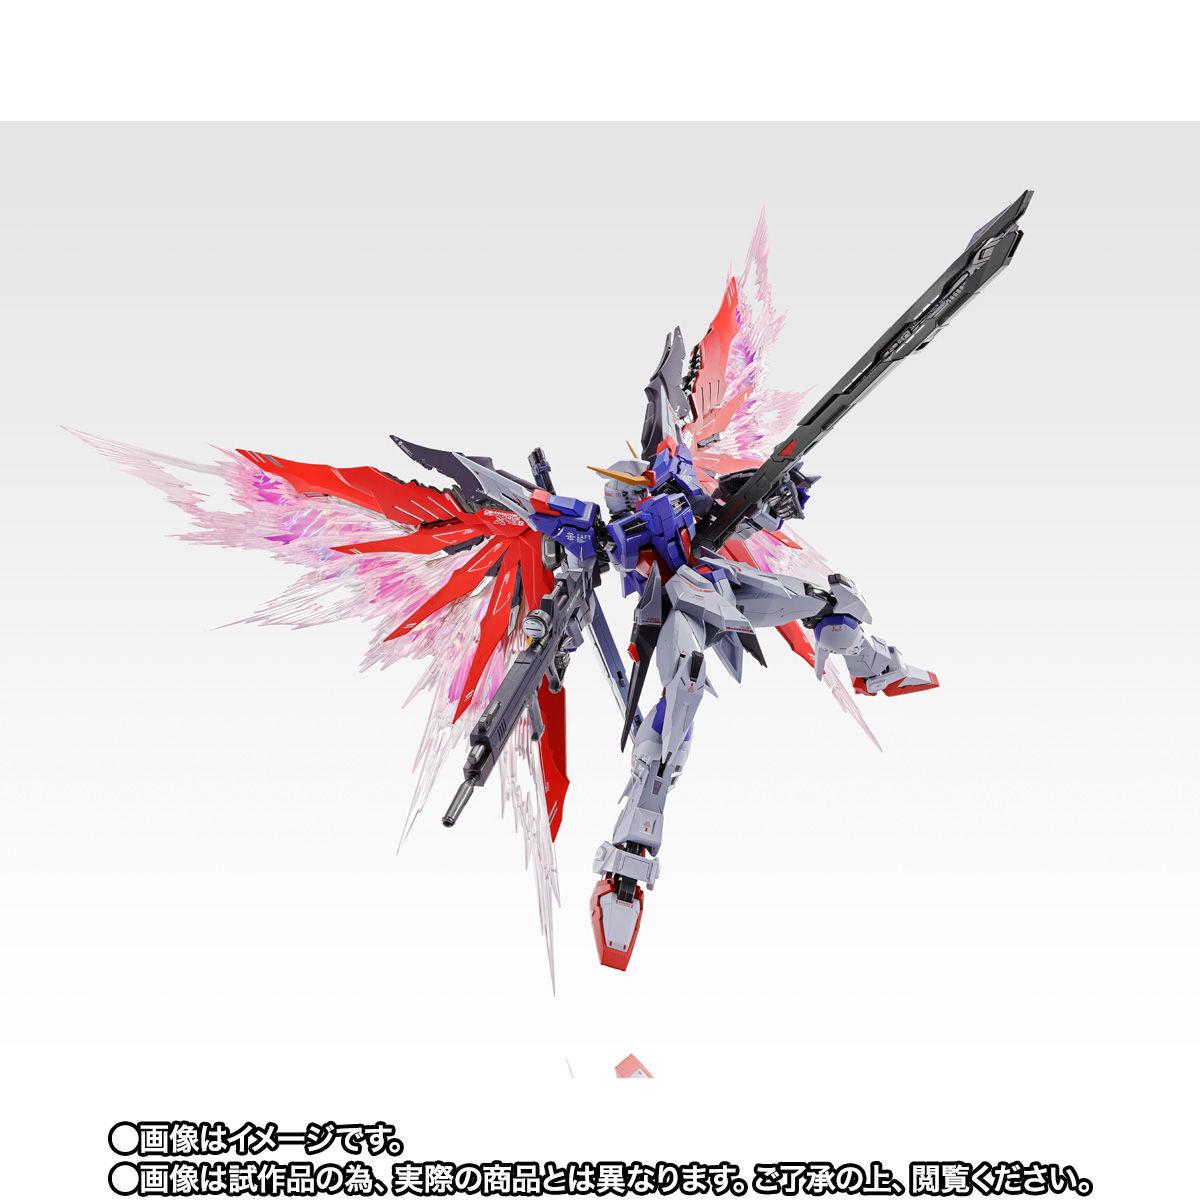 【限定販売】METAL BUILD『デスティニーガンダム SOUL RED Ver.』機動戦士ガンダムSEED DESTINY 可動フィギュア-009